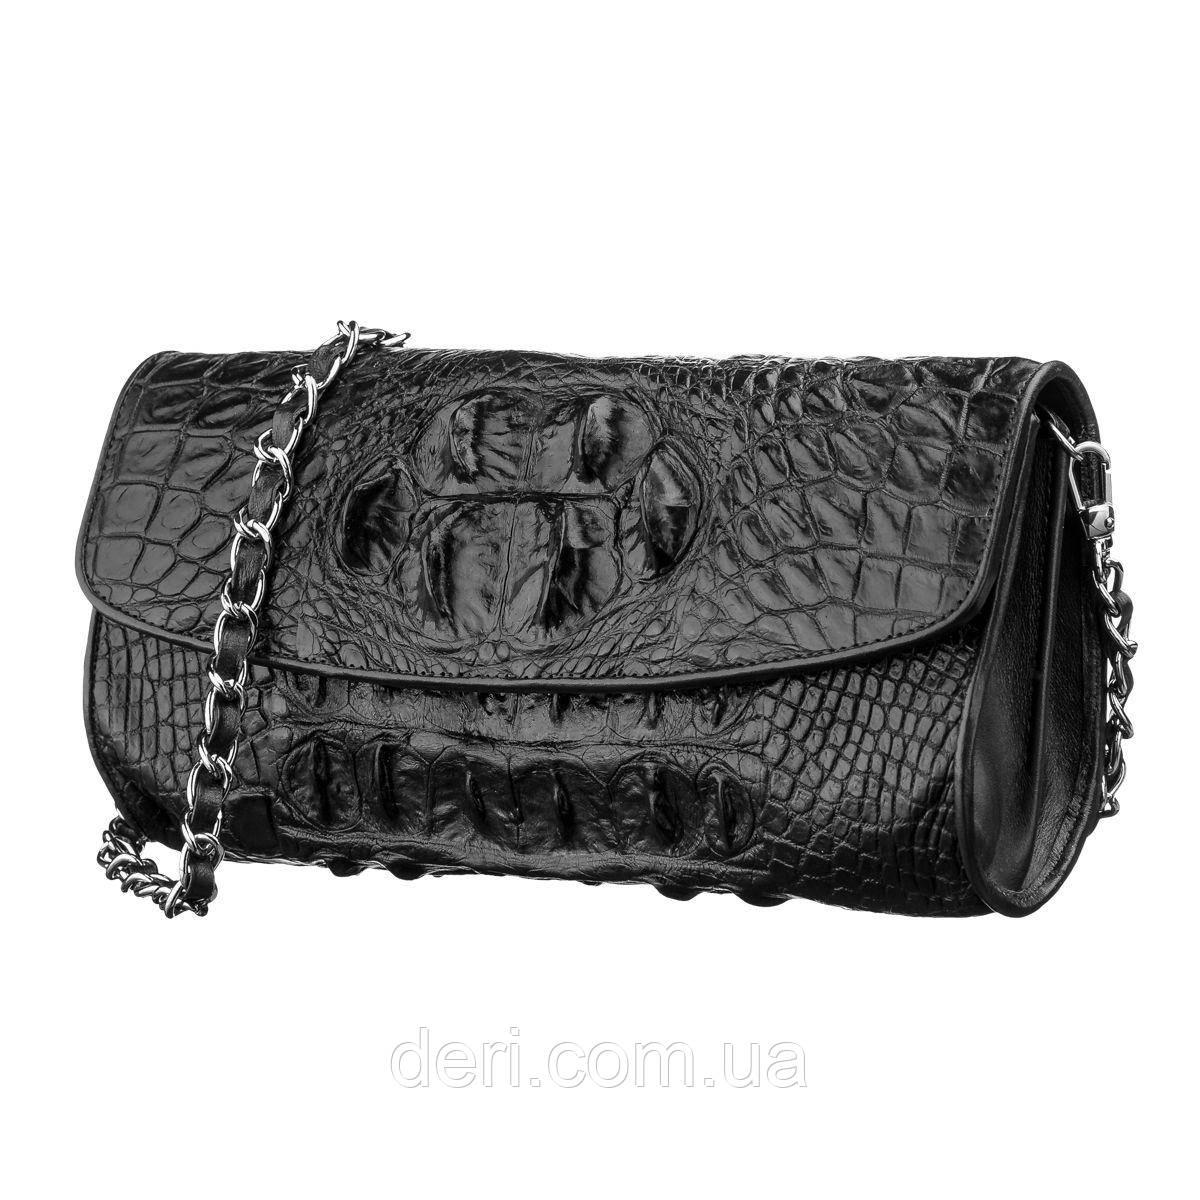 Сумка клатч CROCODILE LEATHER 18243 из натуральной кожи крокодила Коричневая, Коричневый